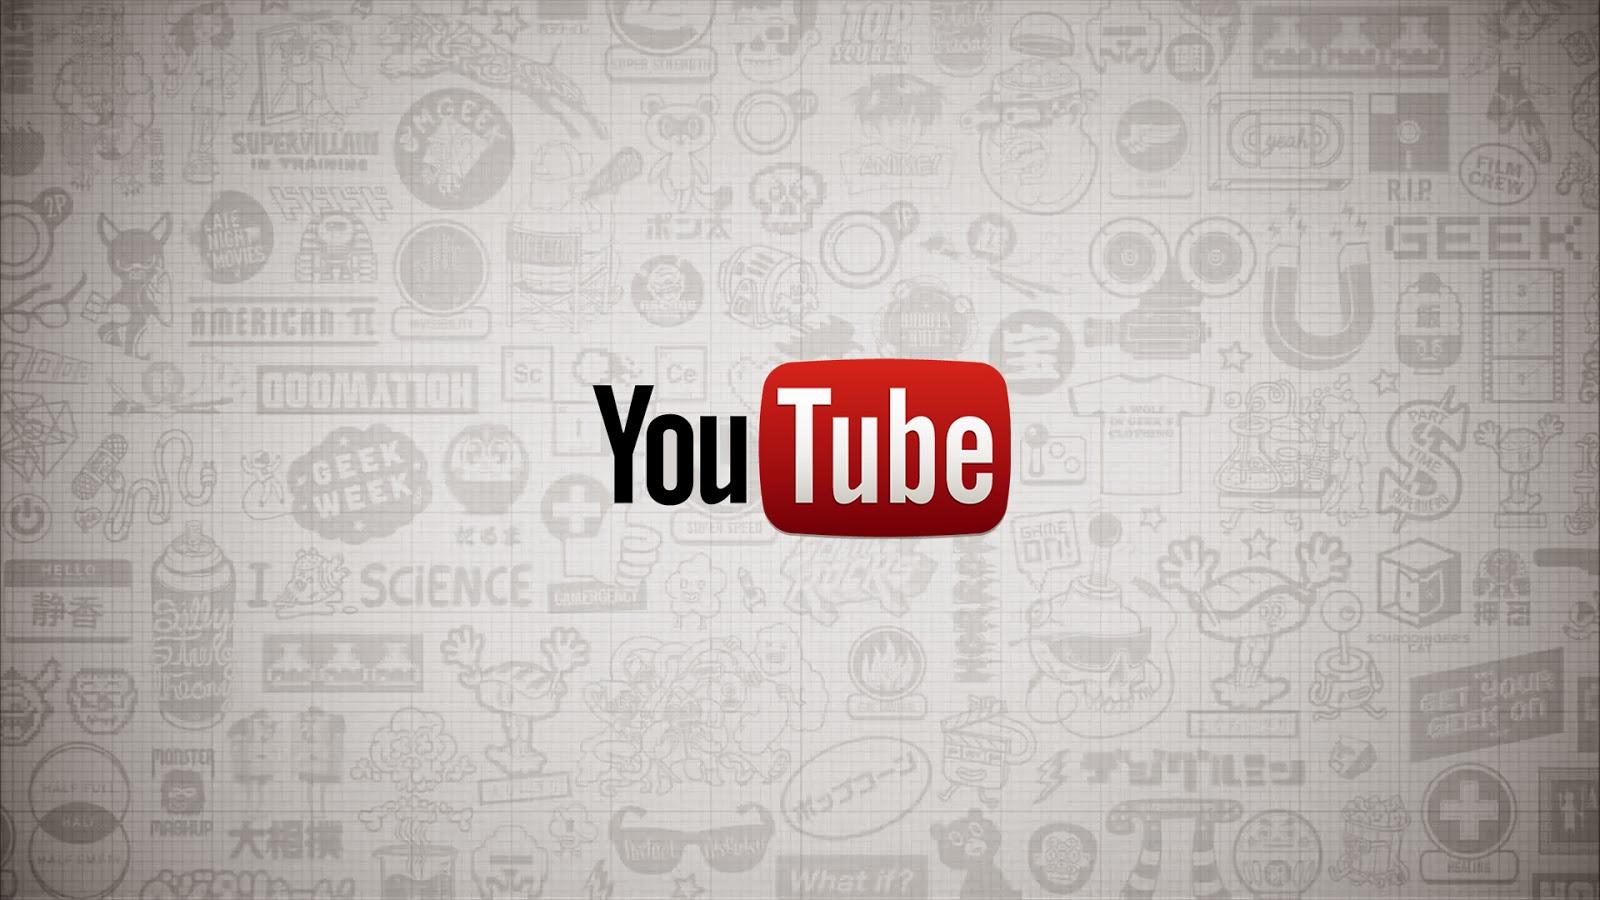 Comment Télécharger des Vidéos de YouTube en MP3 deb19bb2d446284b48f225d3eeeecfb4 large